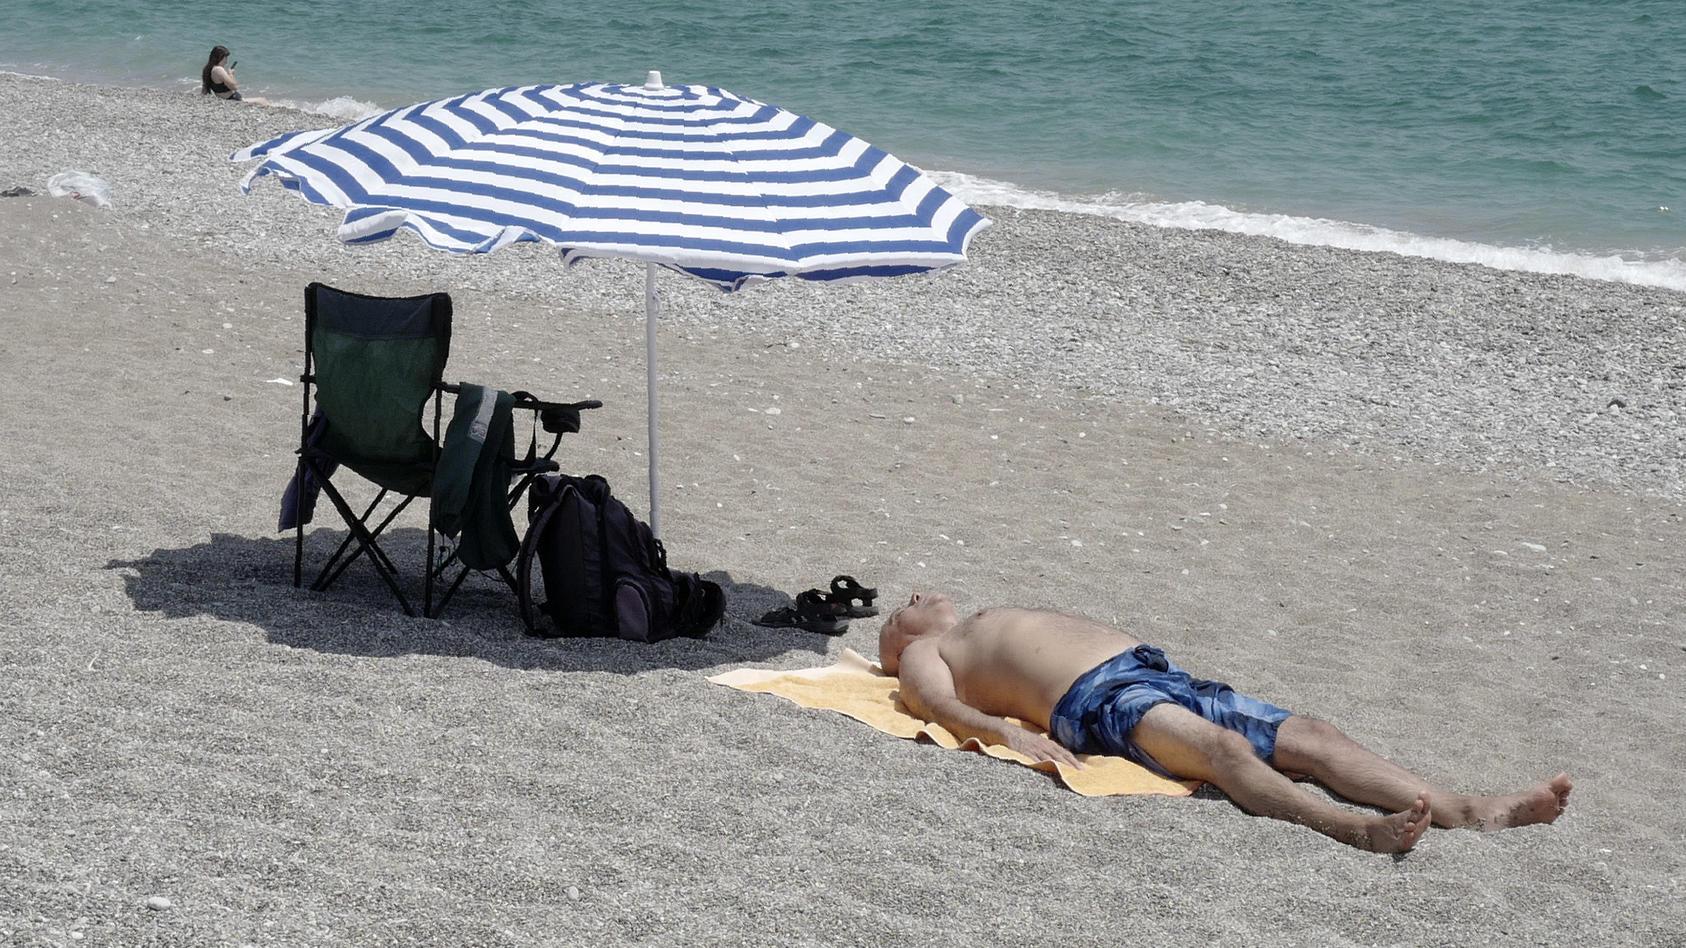 Türkei: Die Reisewarnung wurde teilweise aufgehoben.